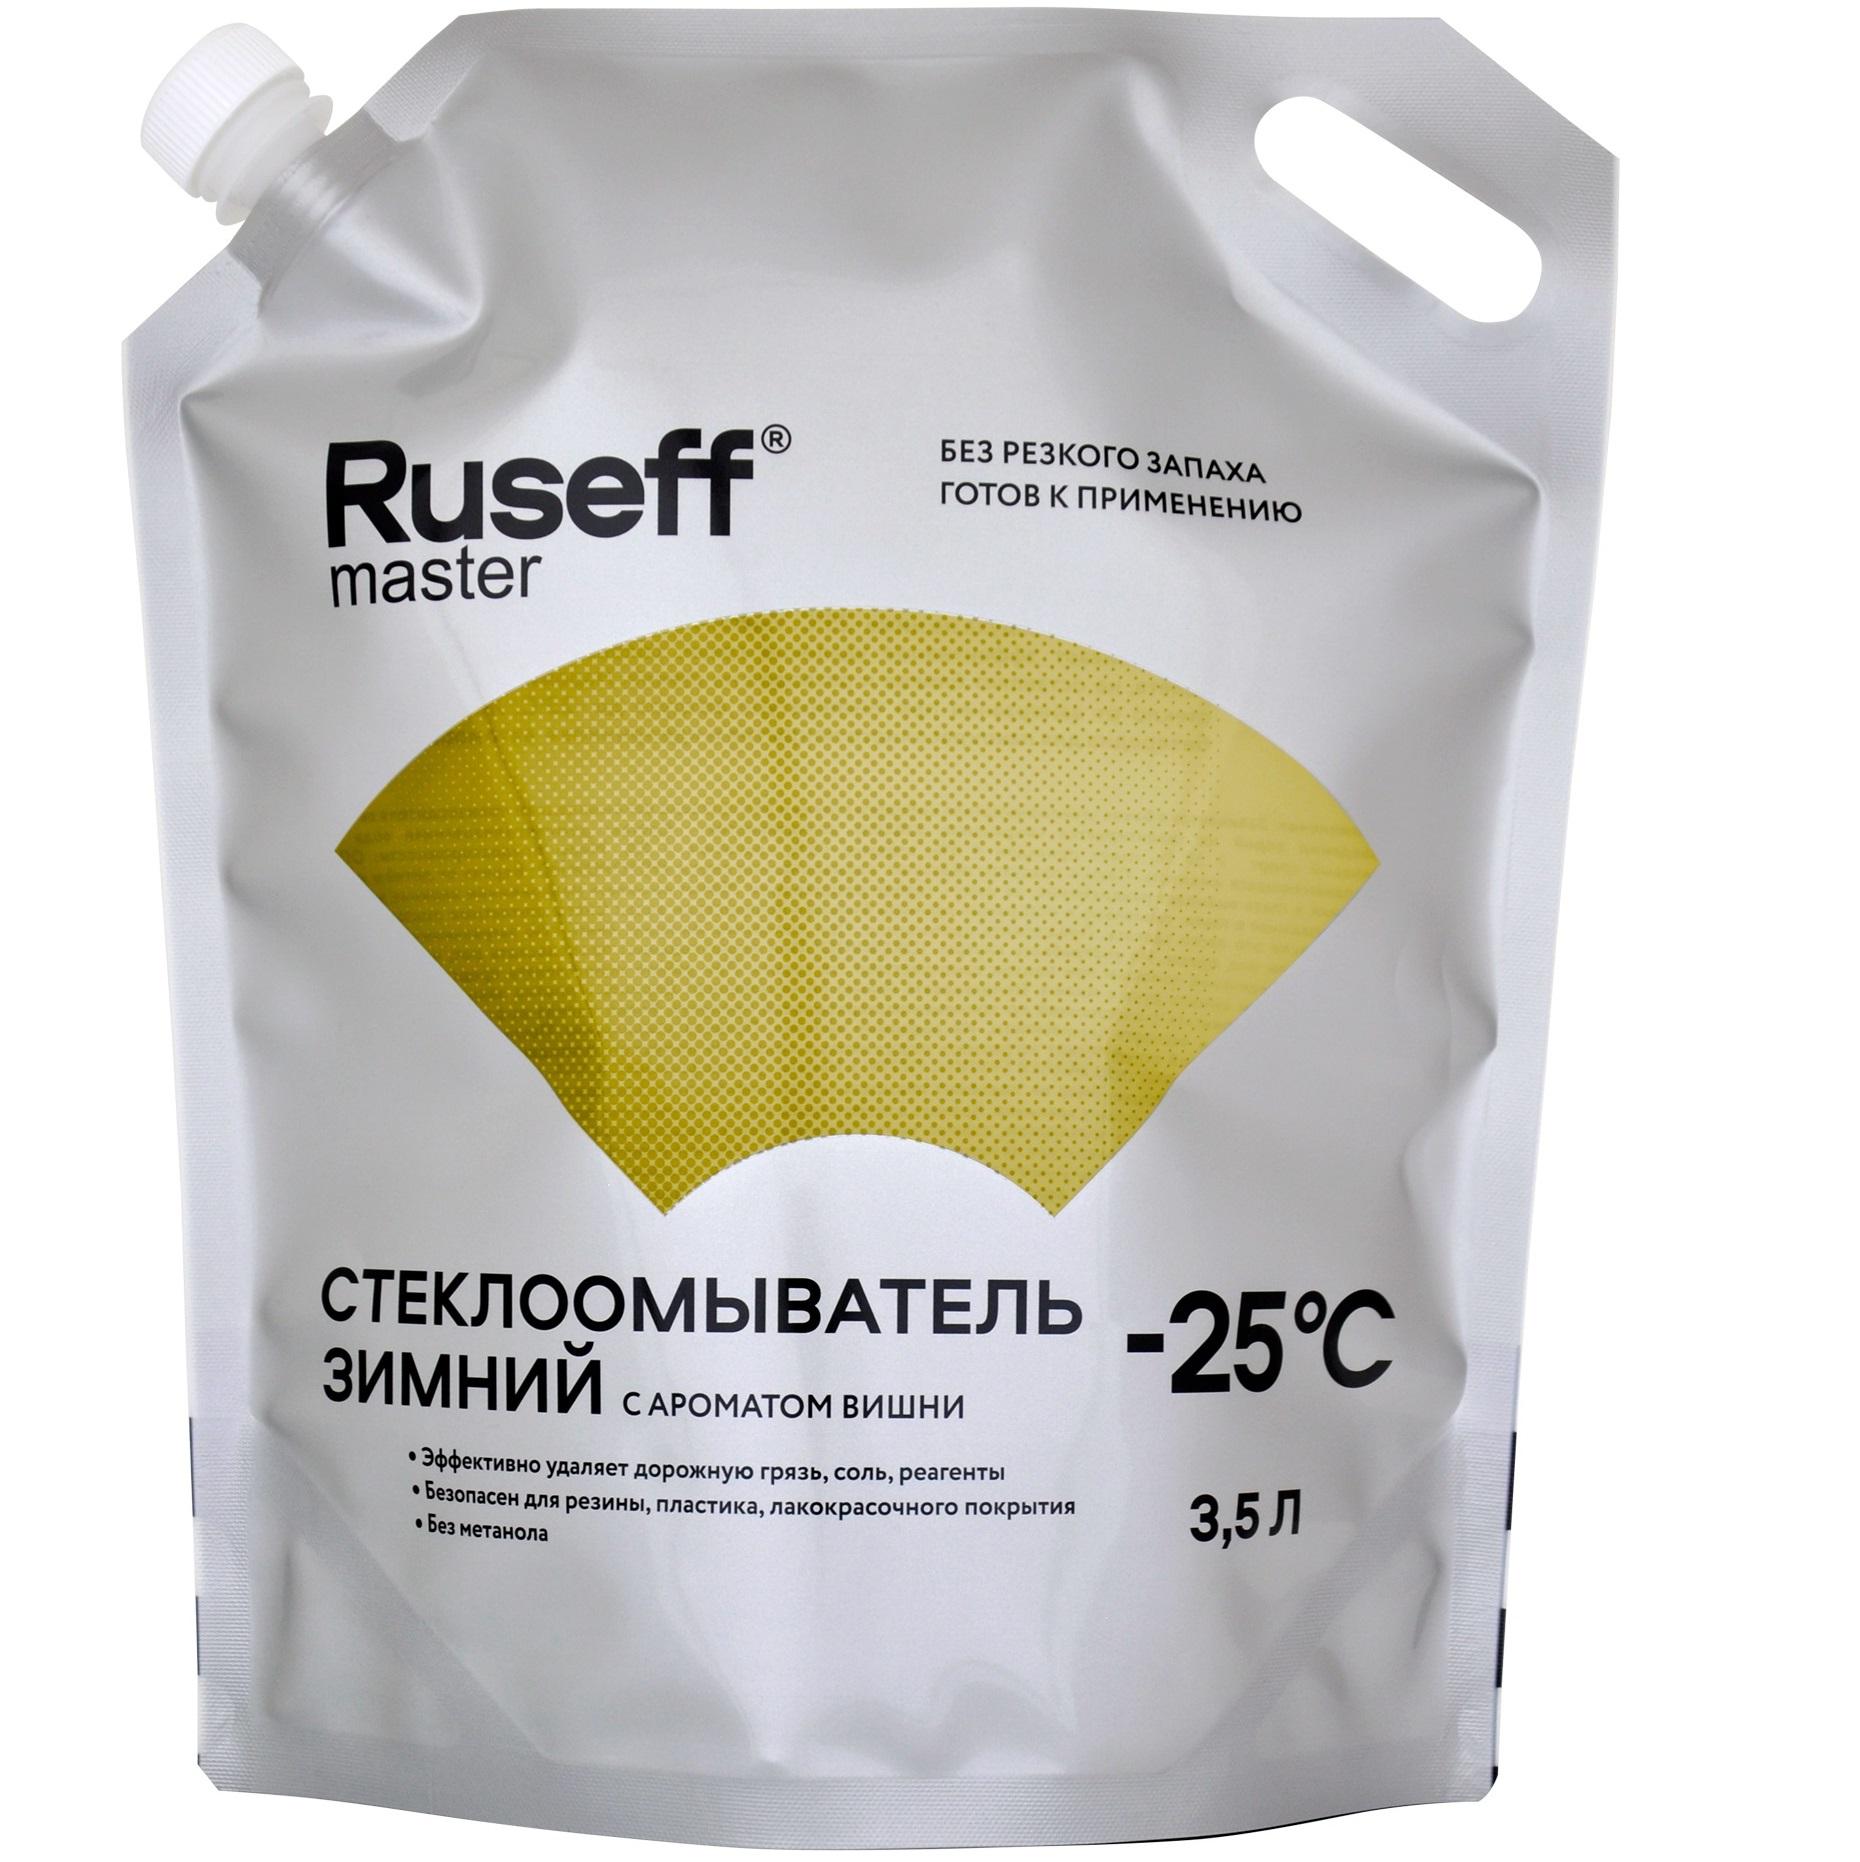 Стеклоомыватель зимний - 25 с Ruseff 3,5 л